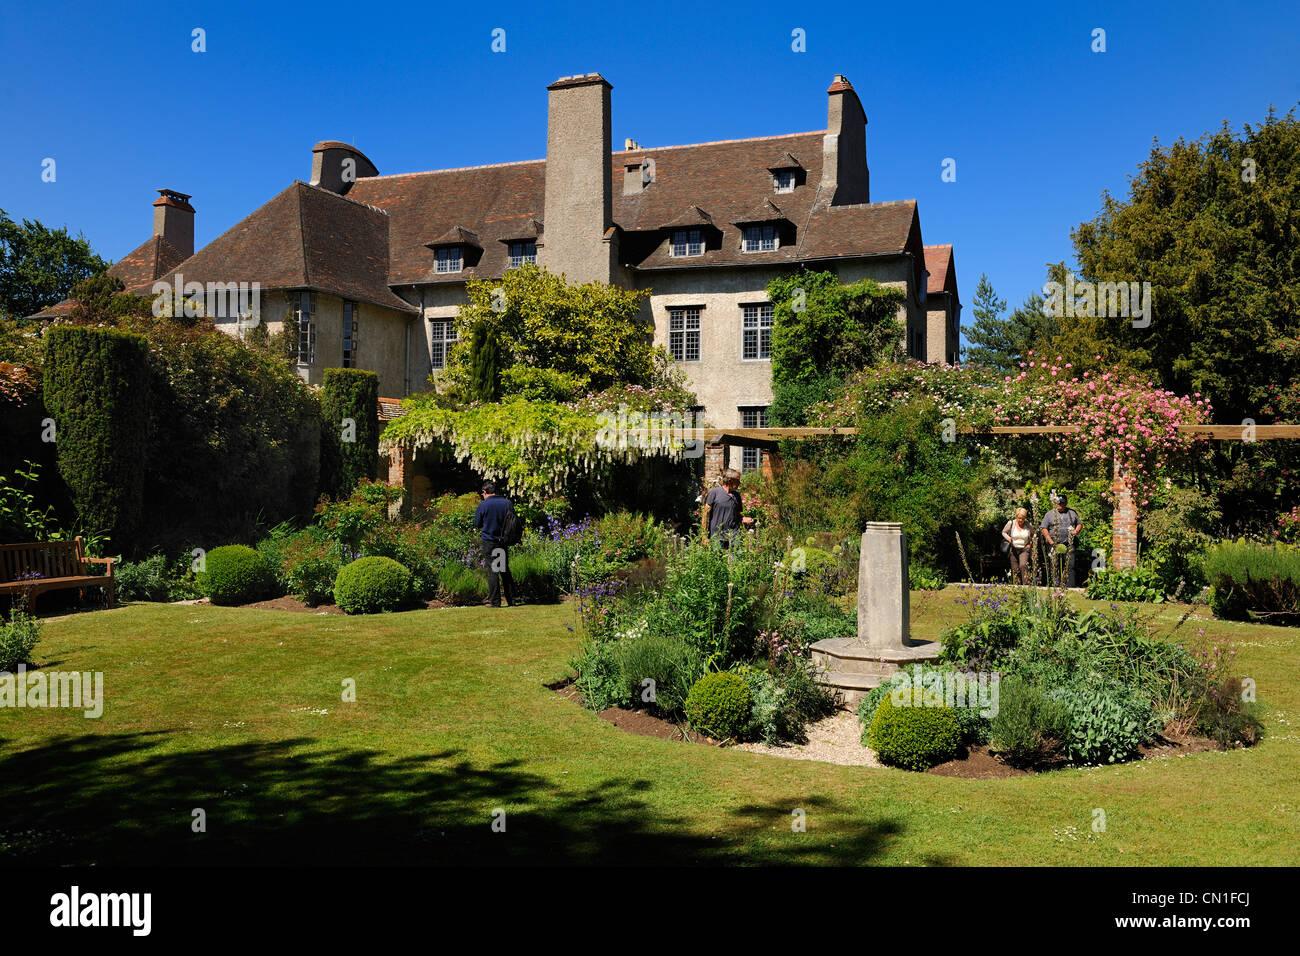 France, Seine Maritime, Varengeville sur Mer, manor of Le Bois des Moutiers Estate - Stock Image